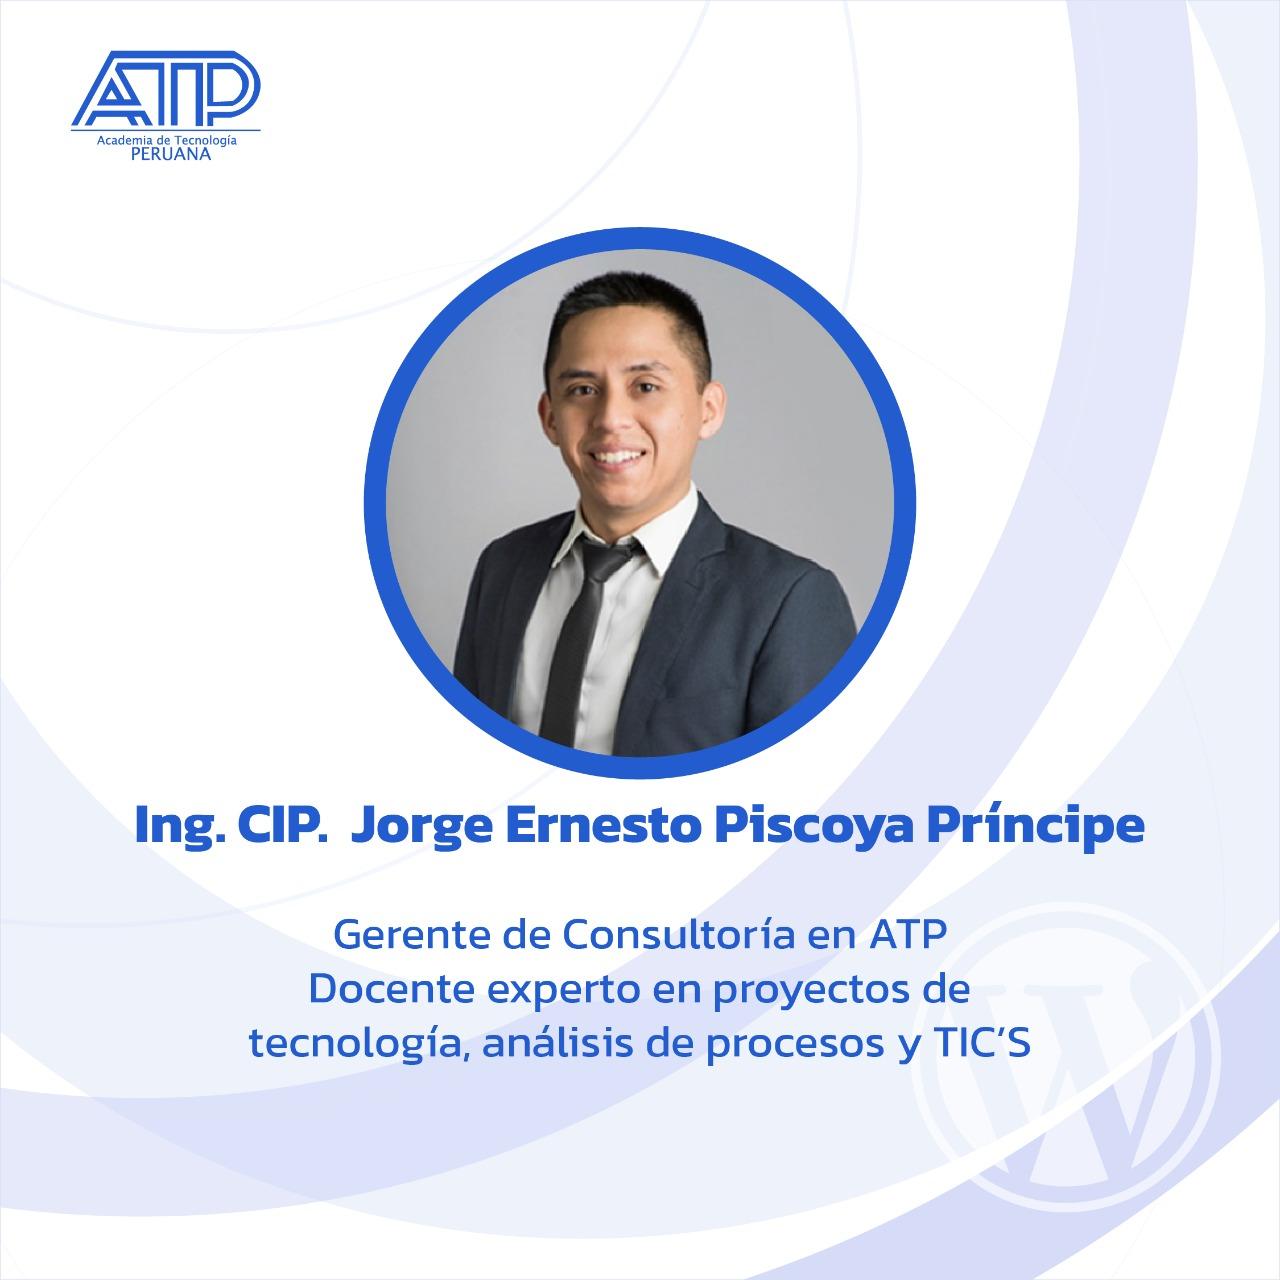 Jorge Ernesto Piscoya Principe tutor de la videoconferencia creación de sitios web con WordPress - Academia de Tecnología Peruana